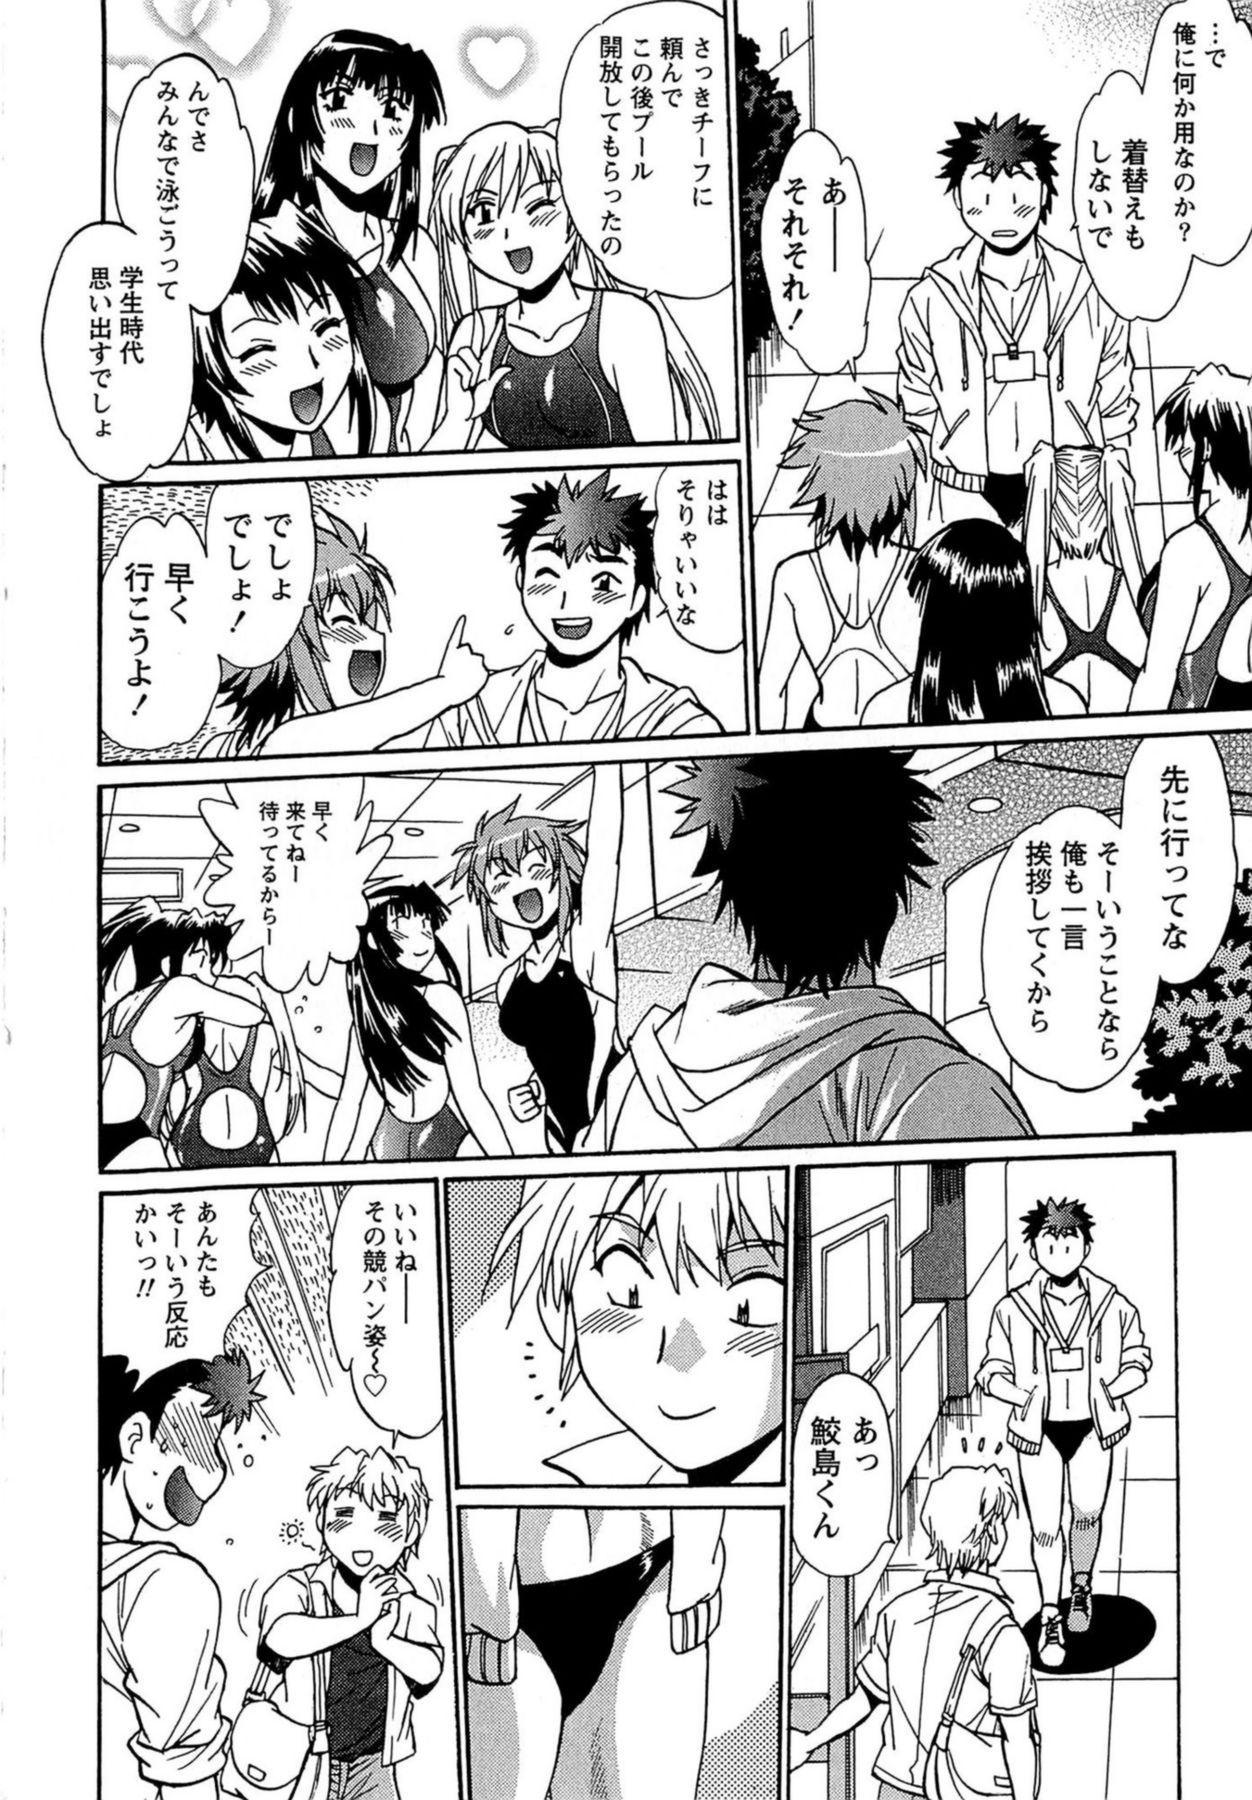 Kuikomi wo Naoshiteru Hima wa Nai! Vol. 1 202